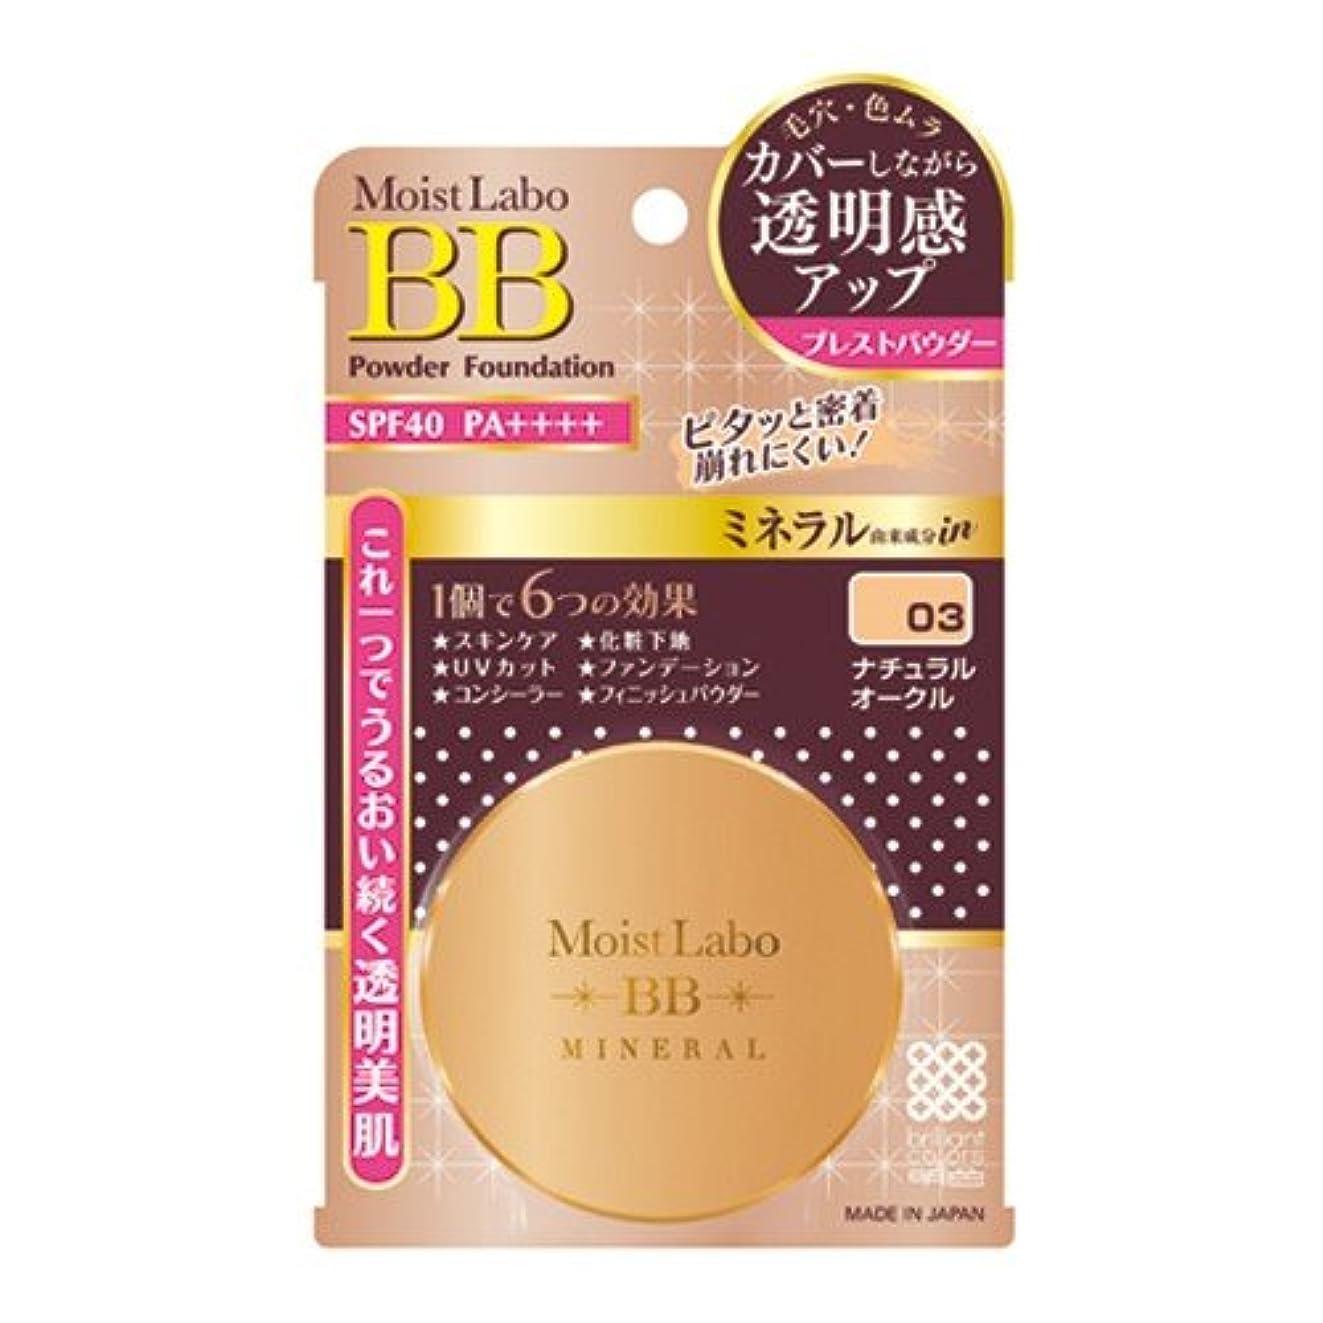 主権者浴室封筒モイストラボBBミネラルプレストパウダー <ナチュラルオークル> (日本製) SPF40 PA++++